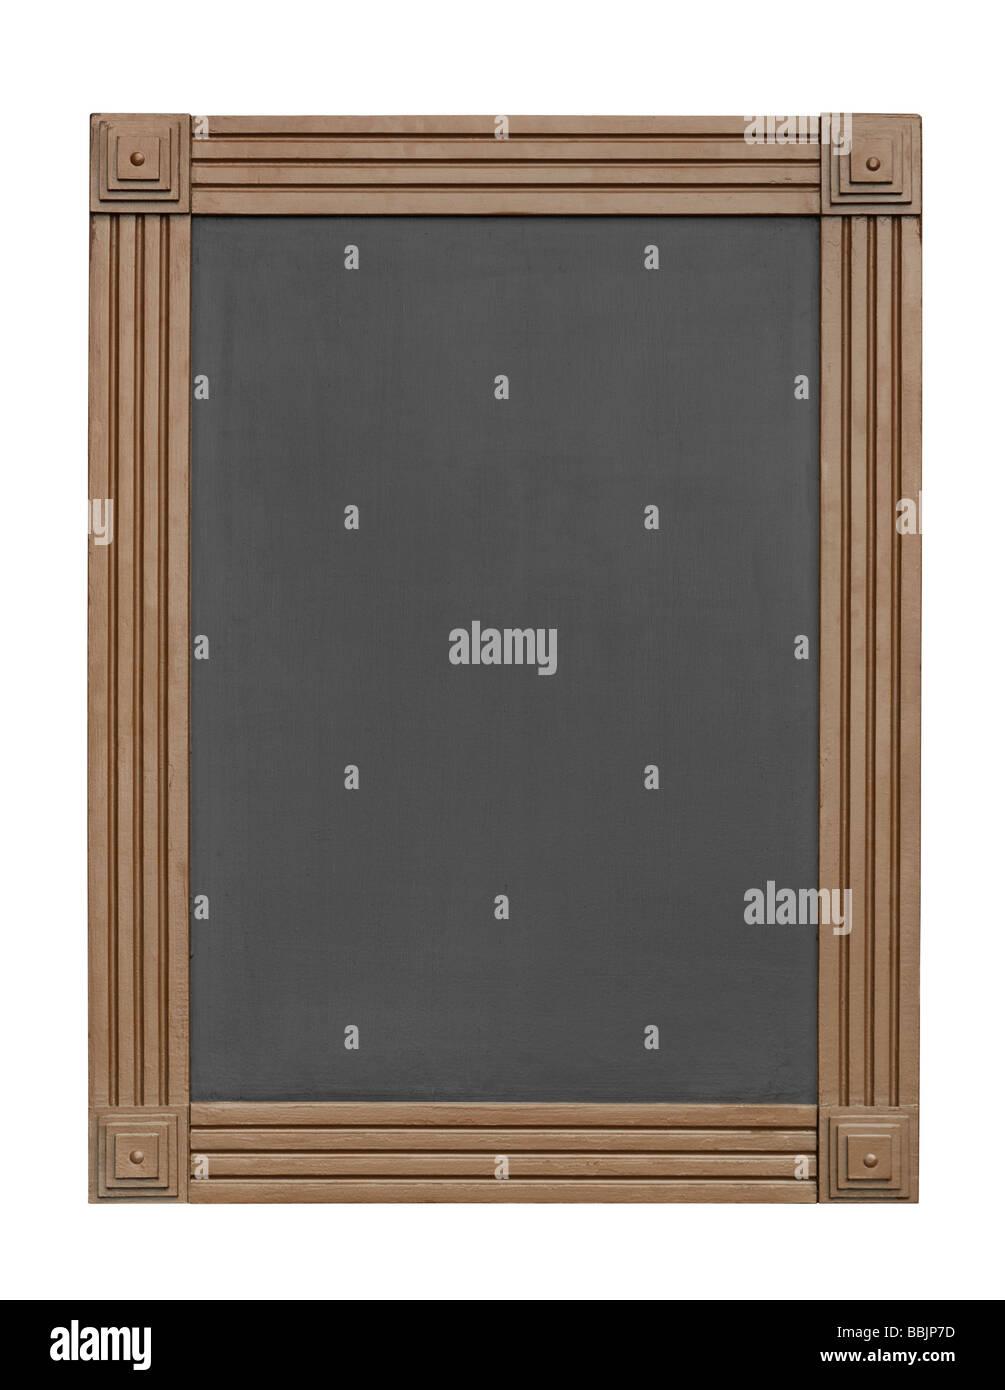 Tableau d'affichage vide isolé sur fond blanc avec clipping path Photo Stock